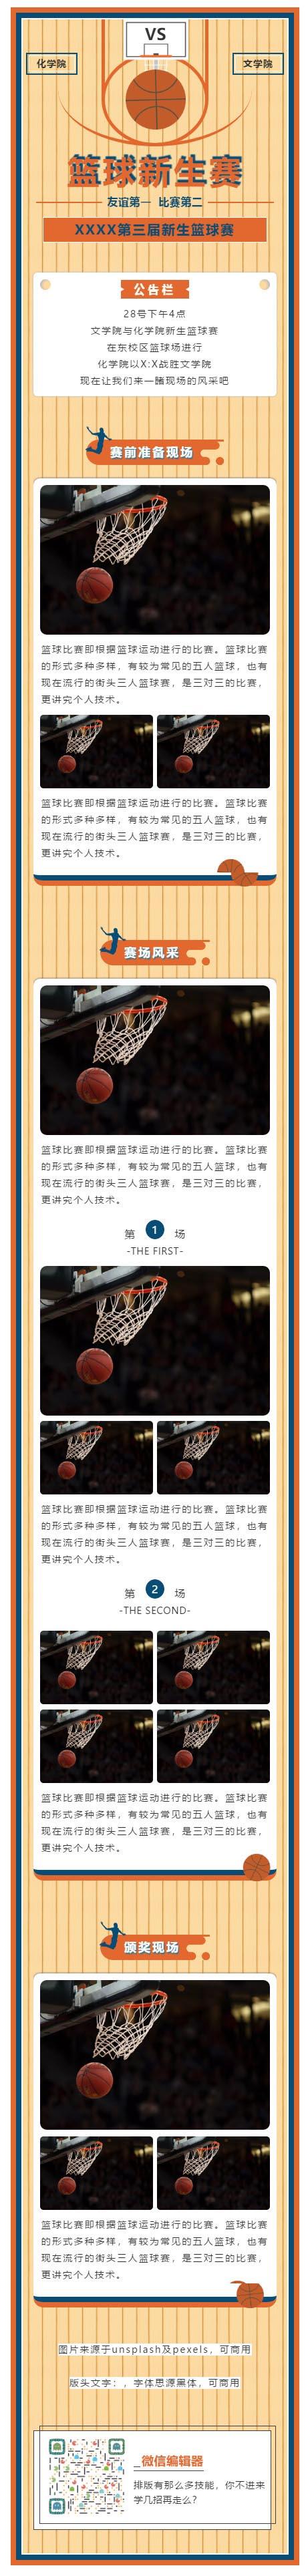 篮球比赛体育运动会篮球赛微信公众号图文模